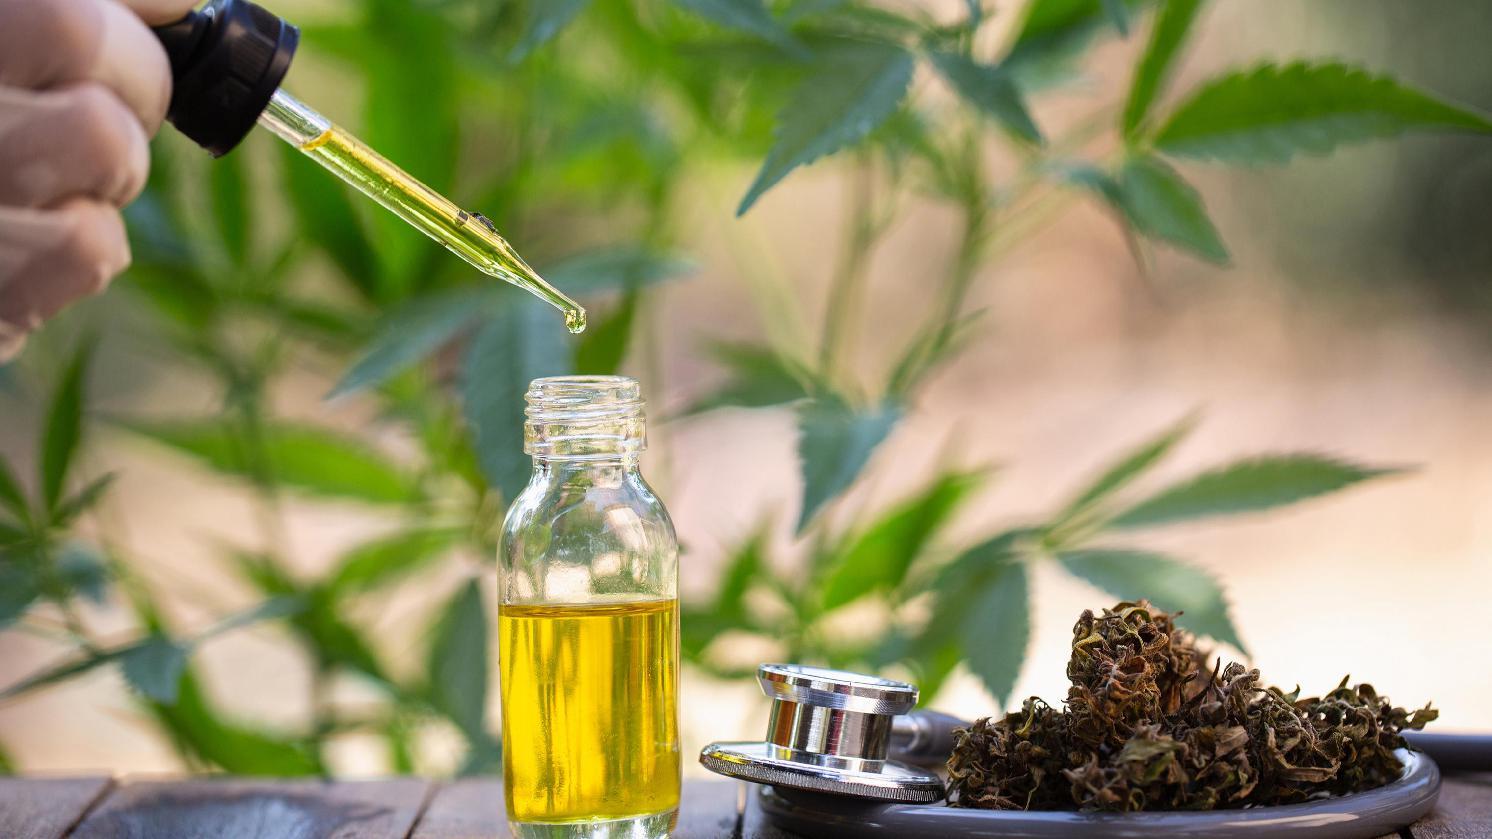 Cannablue CBD Oil| Does Cannablue CBD Oil Worth it?